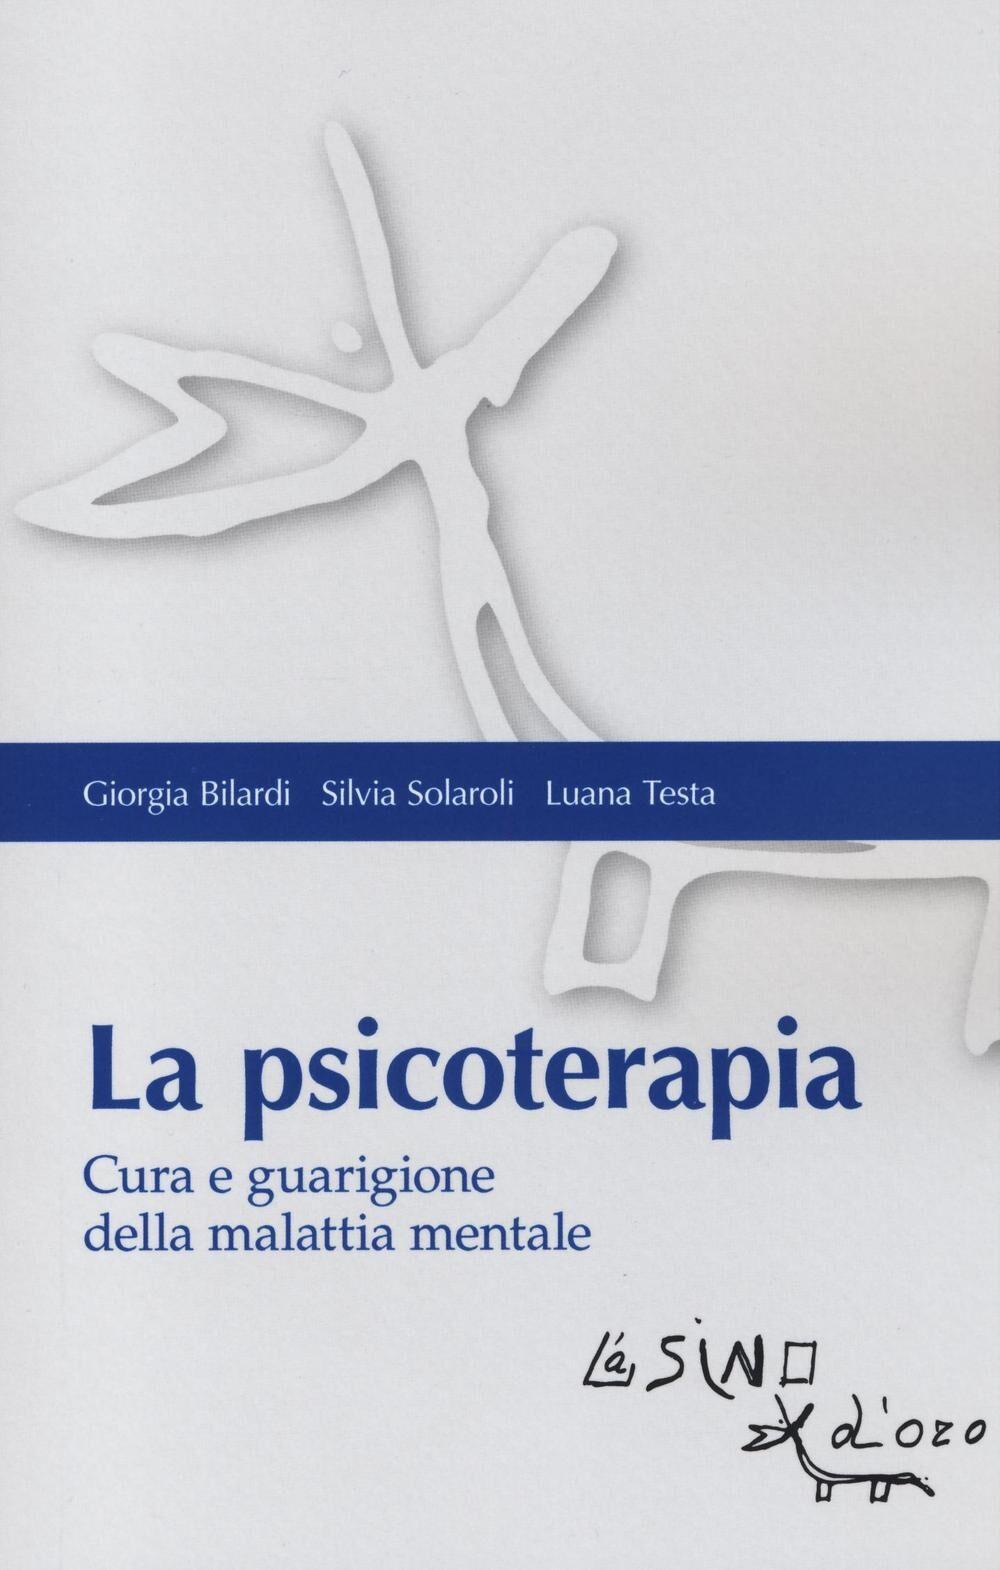 La psicoterapia. Cura e guarigione della malattia mentale